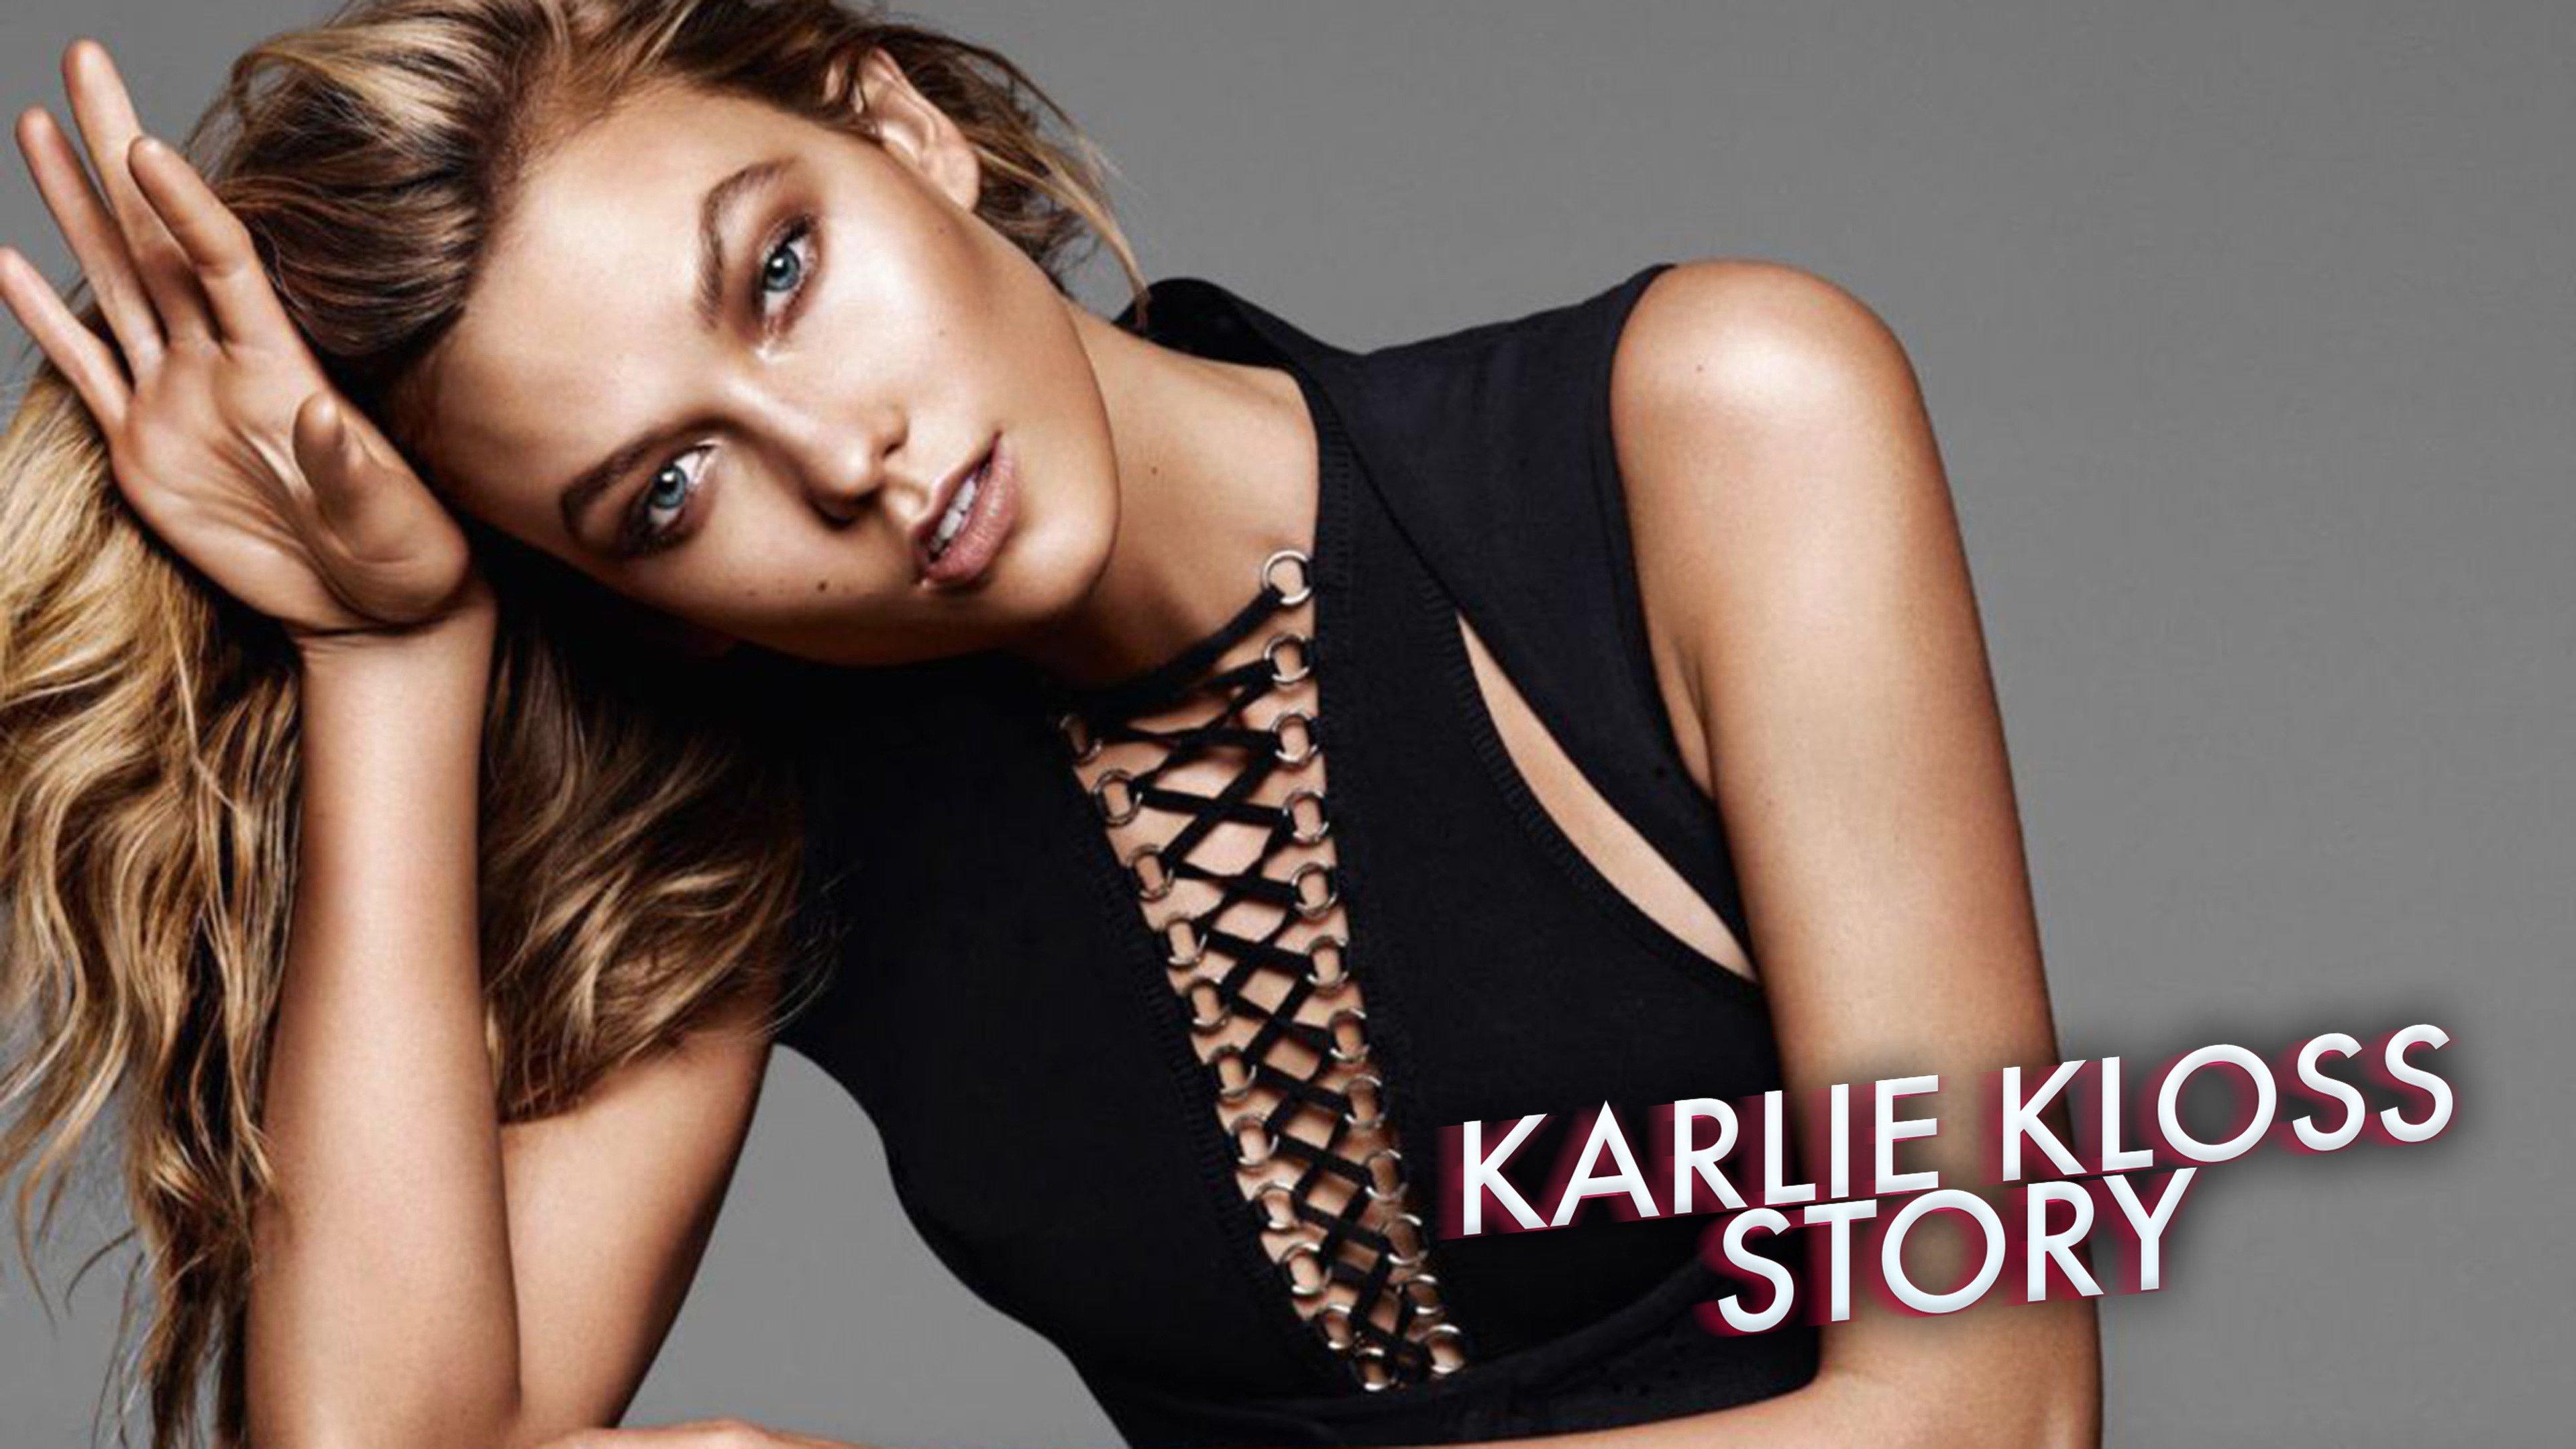 Karlie Kloss Story